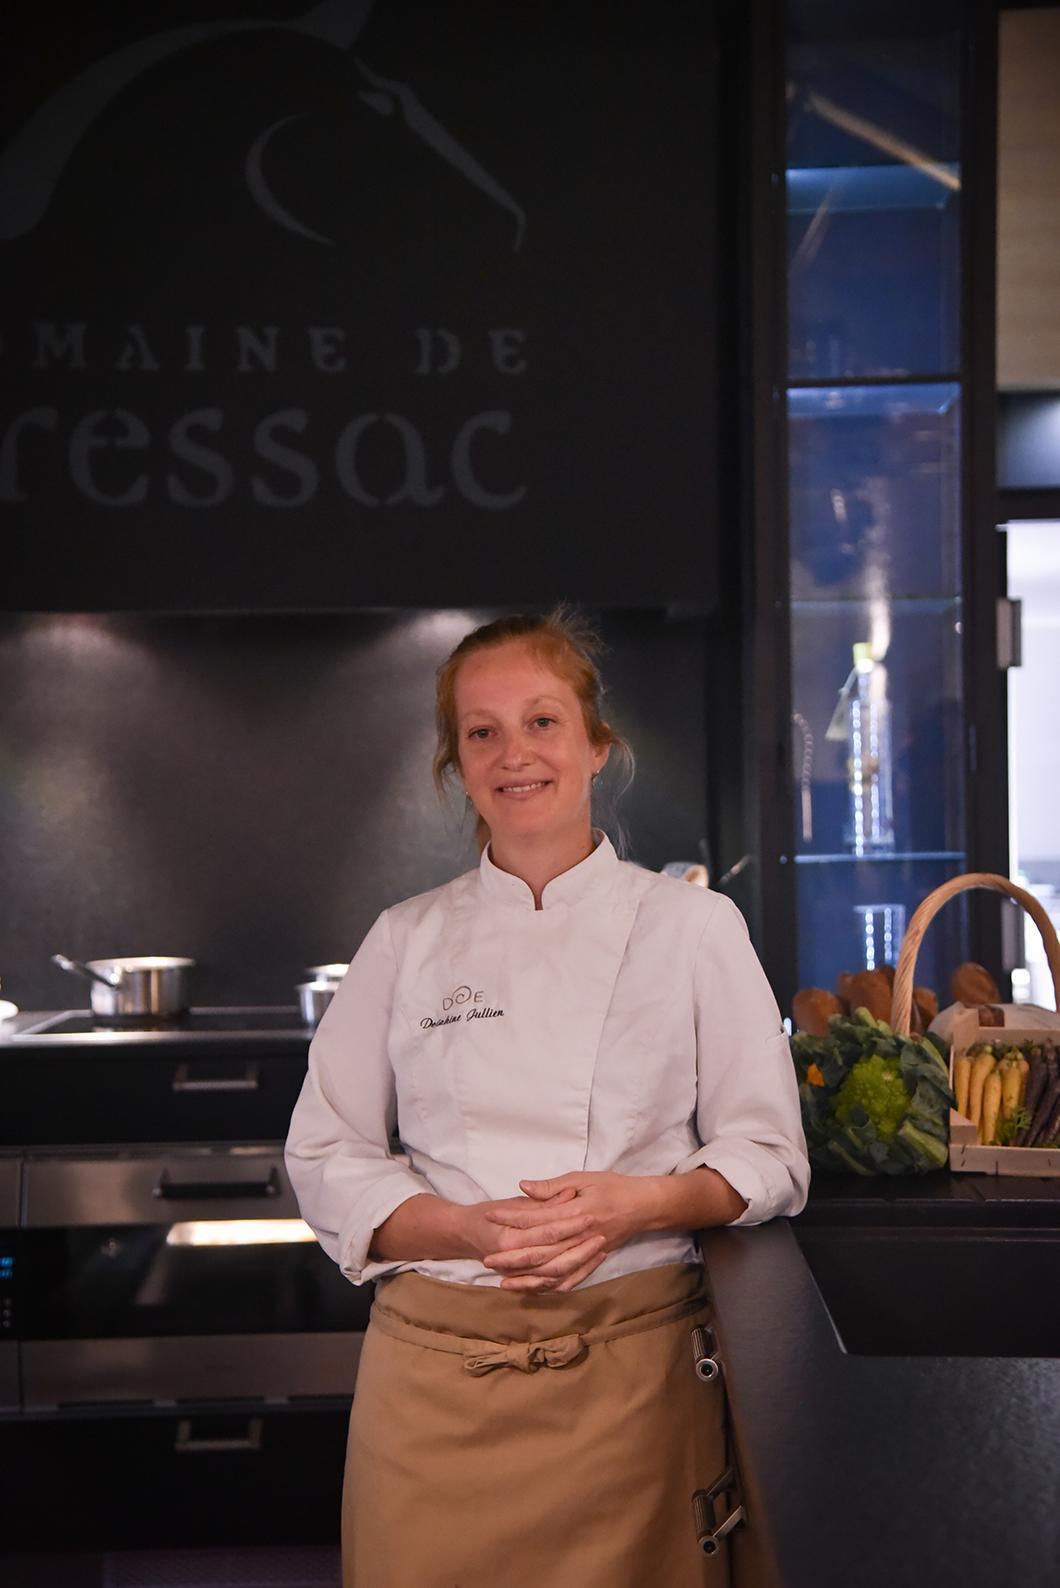 Cours de cuisine avec Delphine Jullien